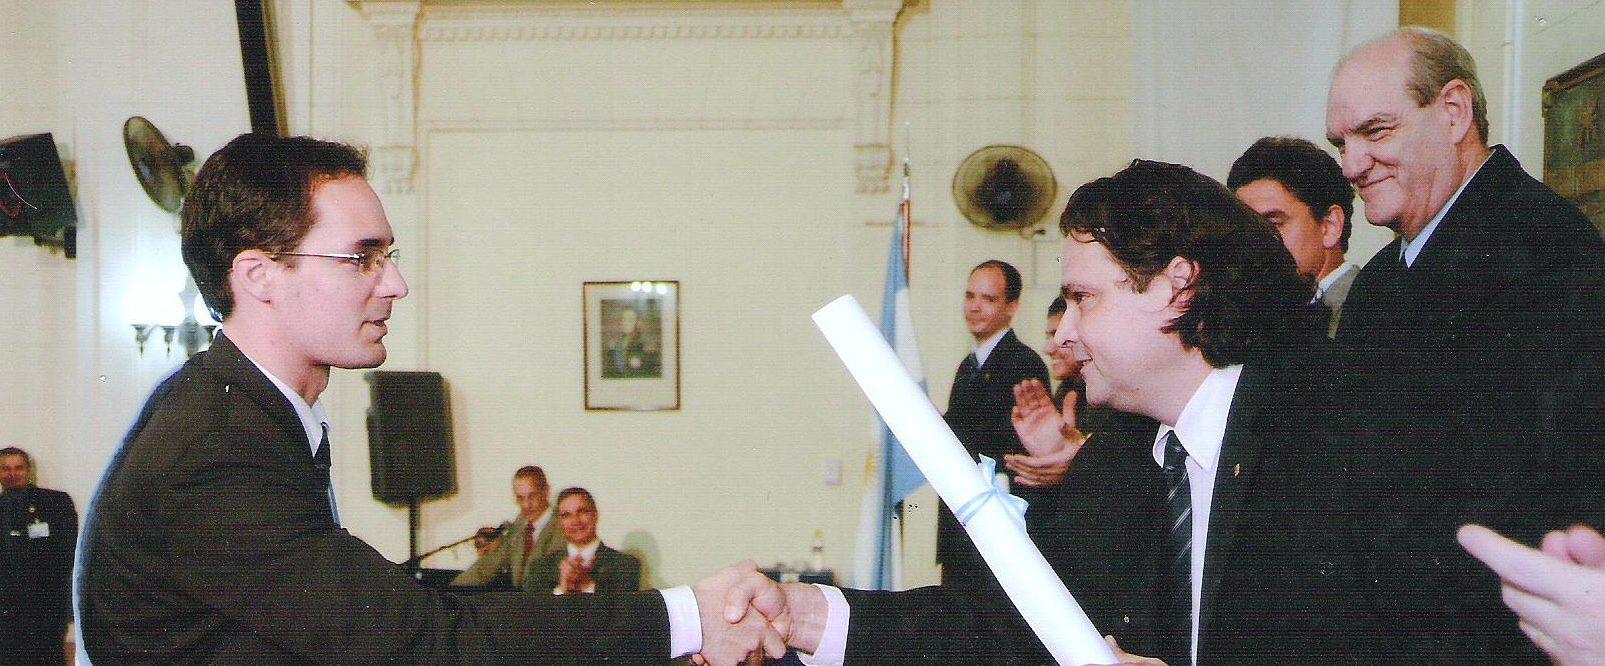 Ing. Federico Muiño recibiendo diploma del Decano de la UTN Buenos Aires, Ing. Guillermo Oliveto